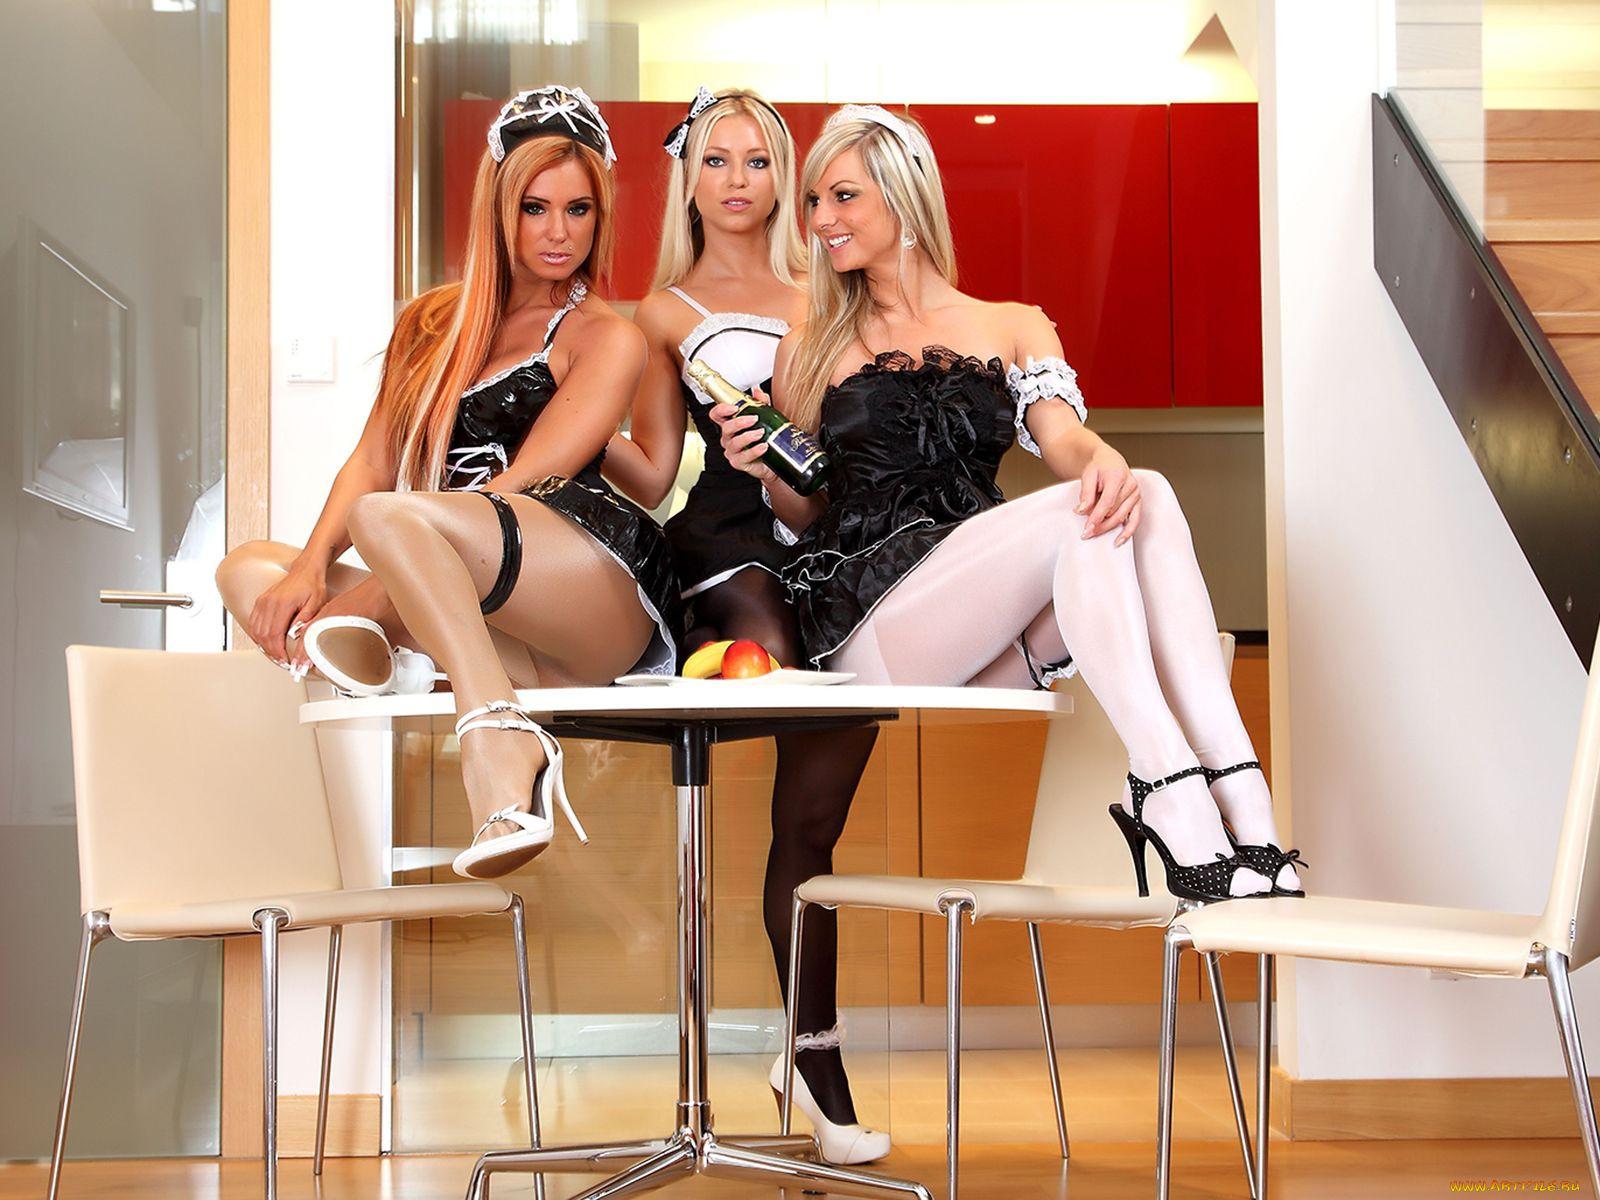 Девушки, каблуки, платье, модели, туфли, стол, колготки 1280 на 800.